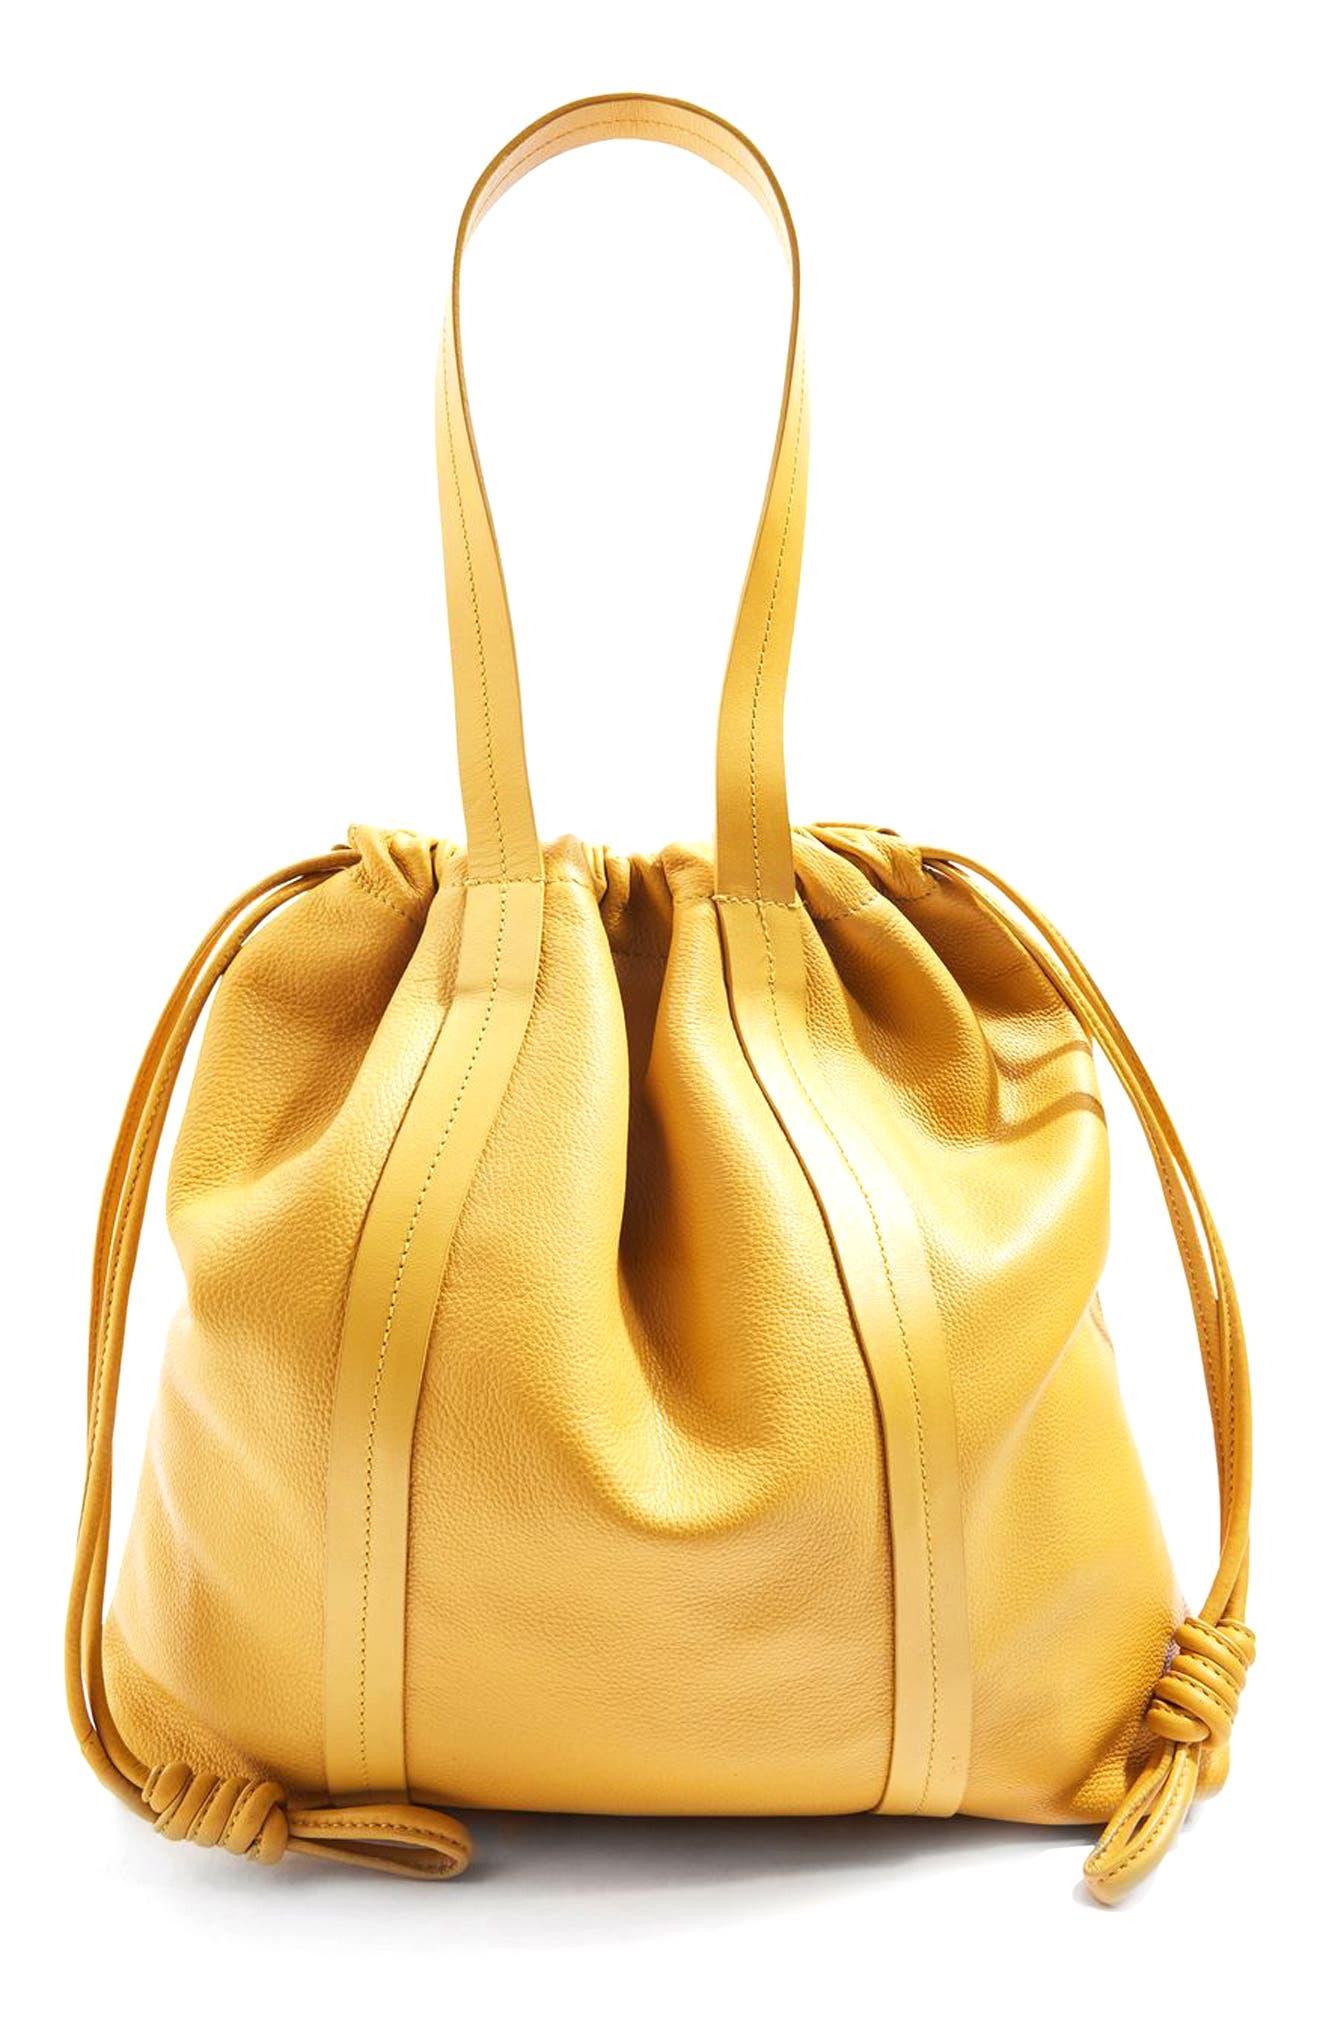 Topshop Leather Drawstring Shoulder Bag